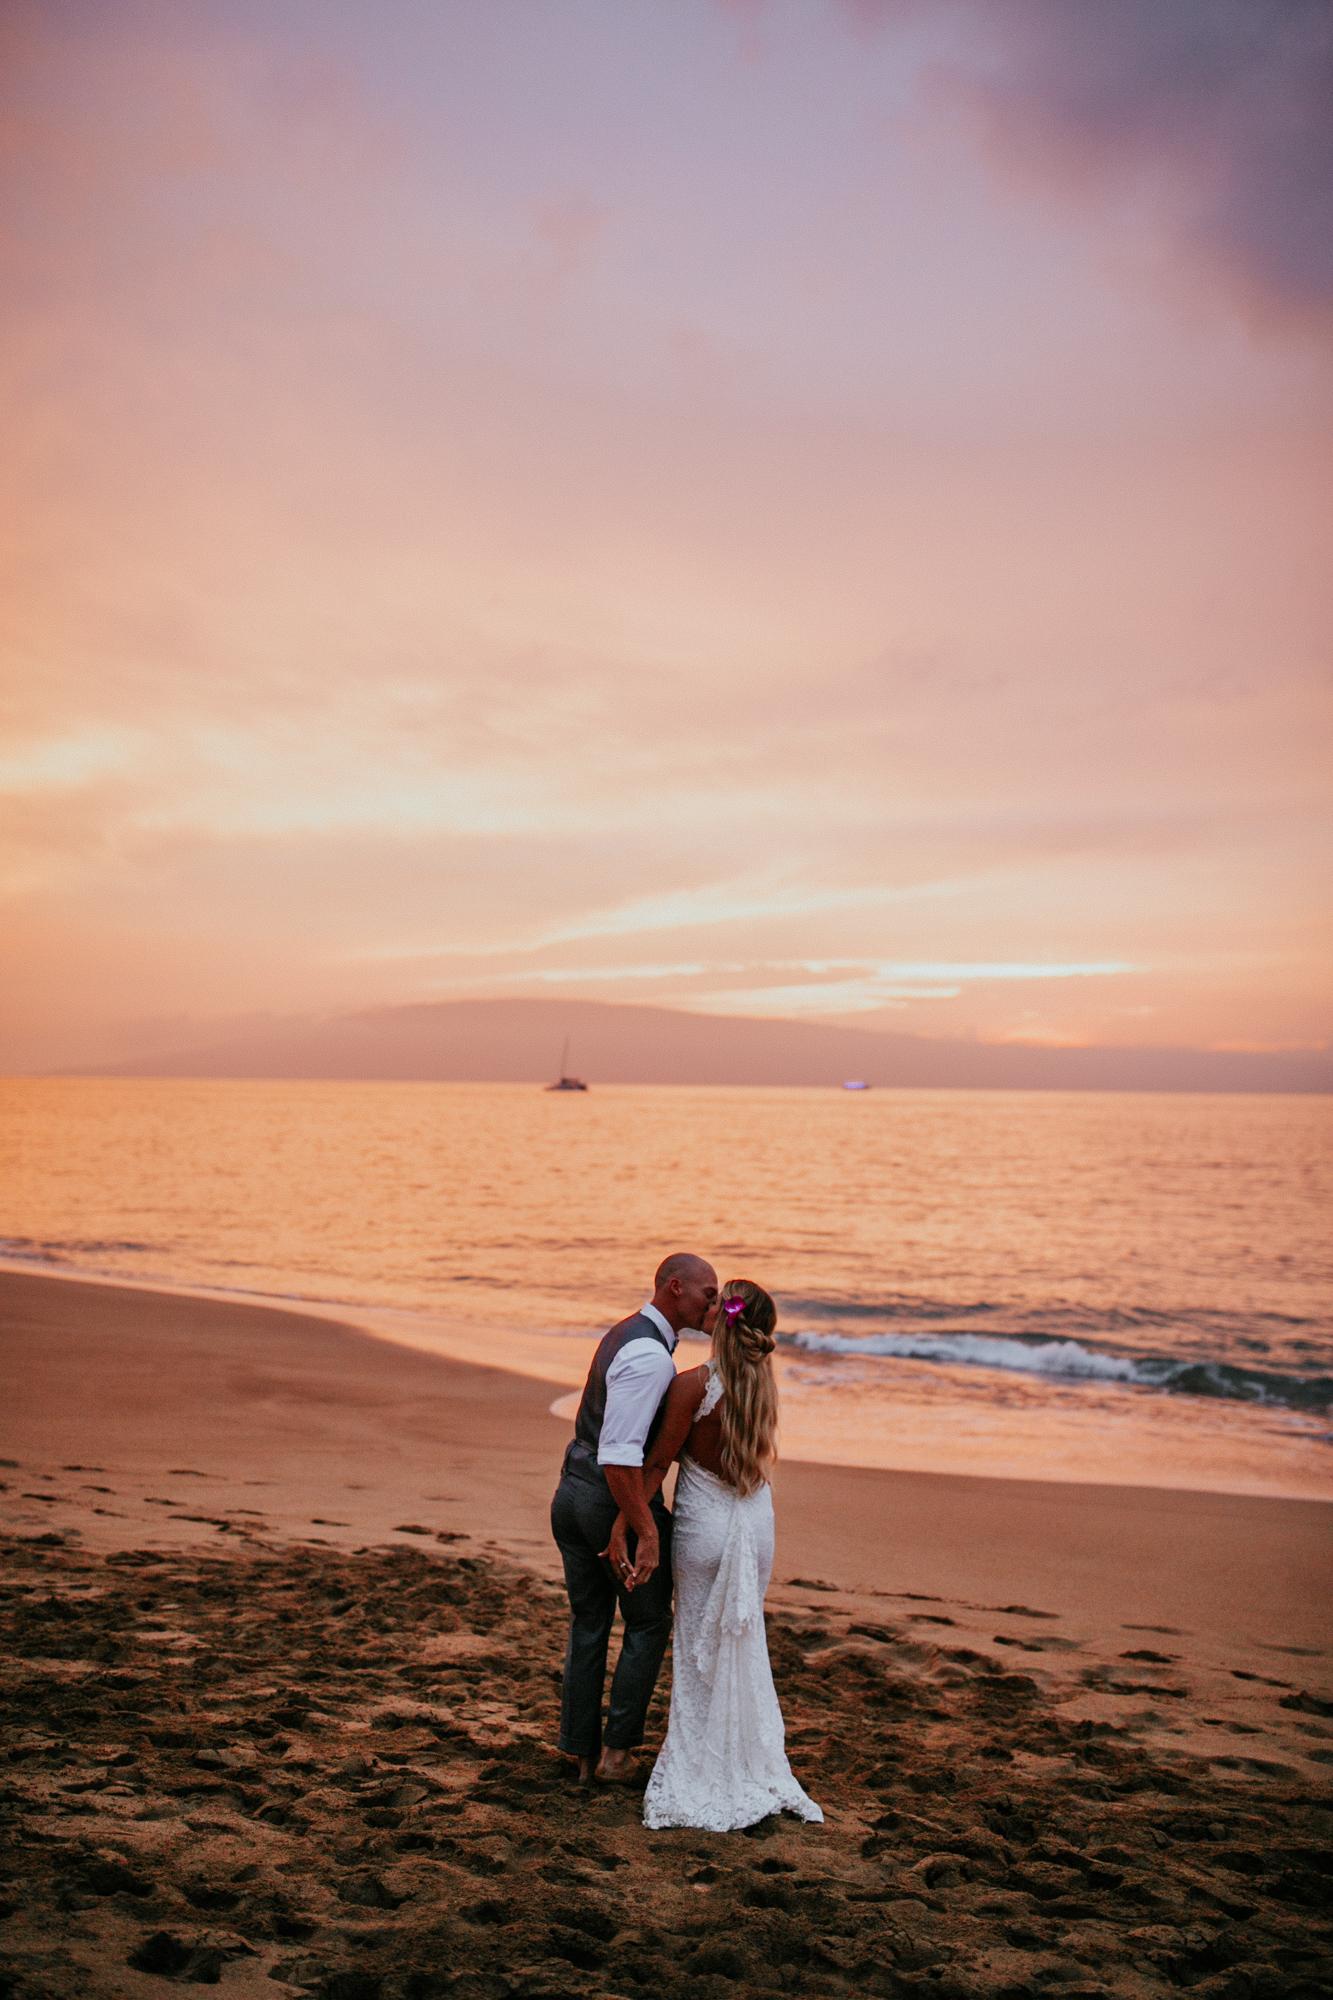 destination-wedding-photographer-hawaii-maui-elopement-106.jpg